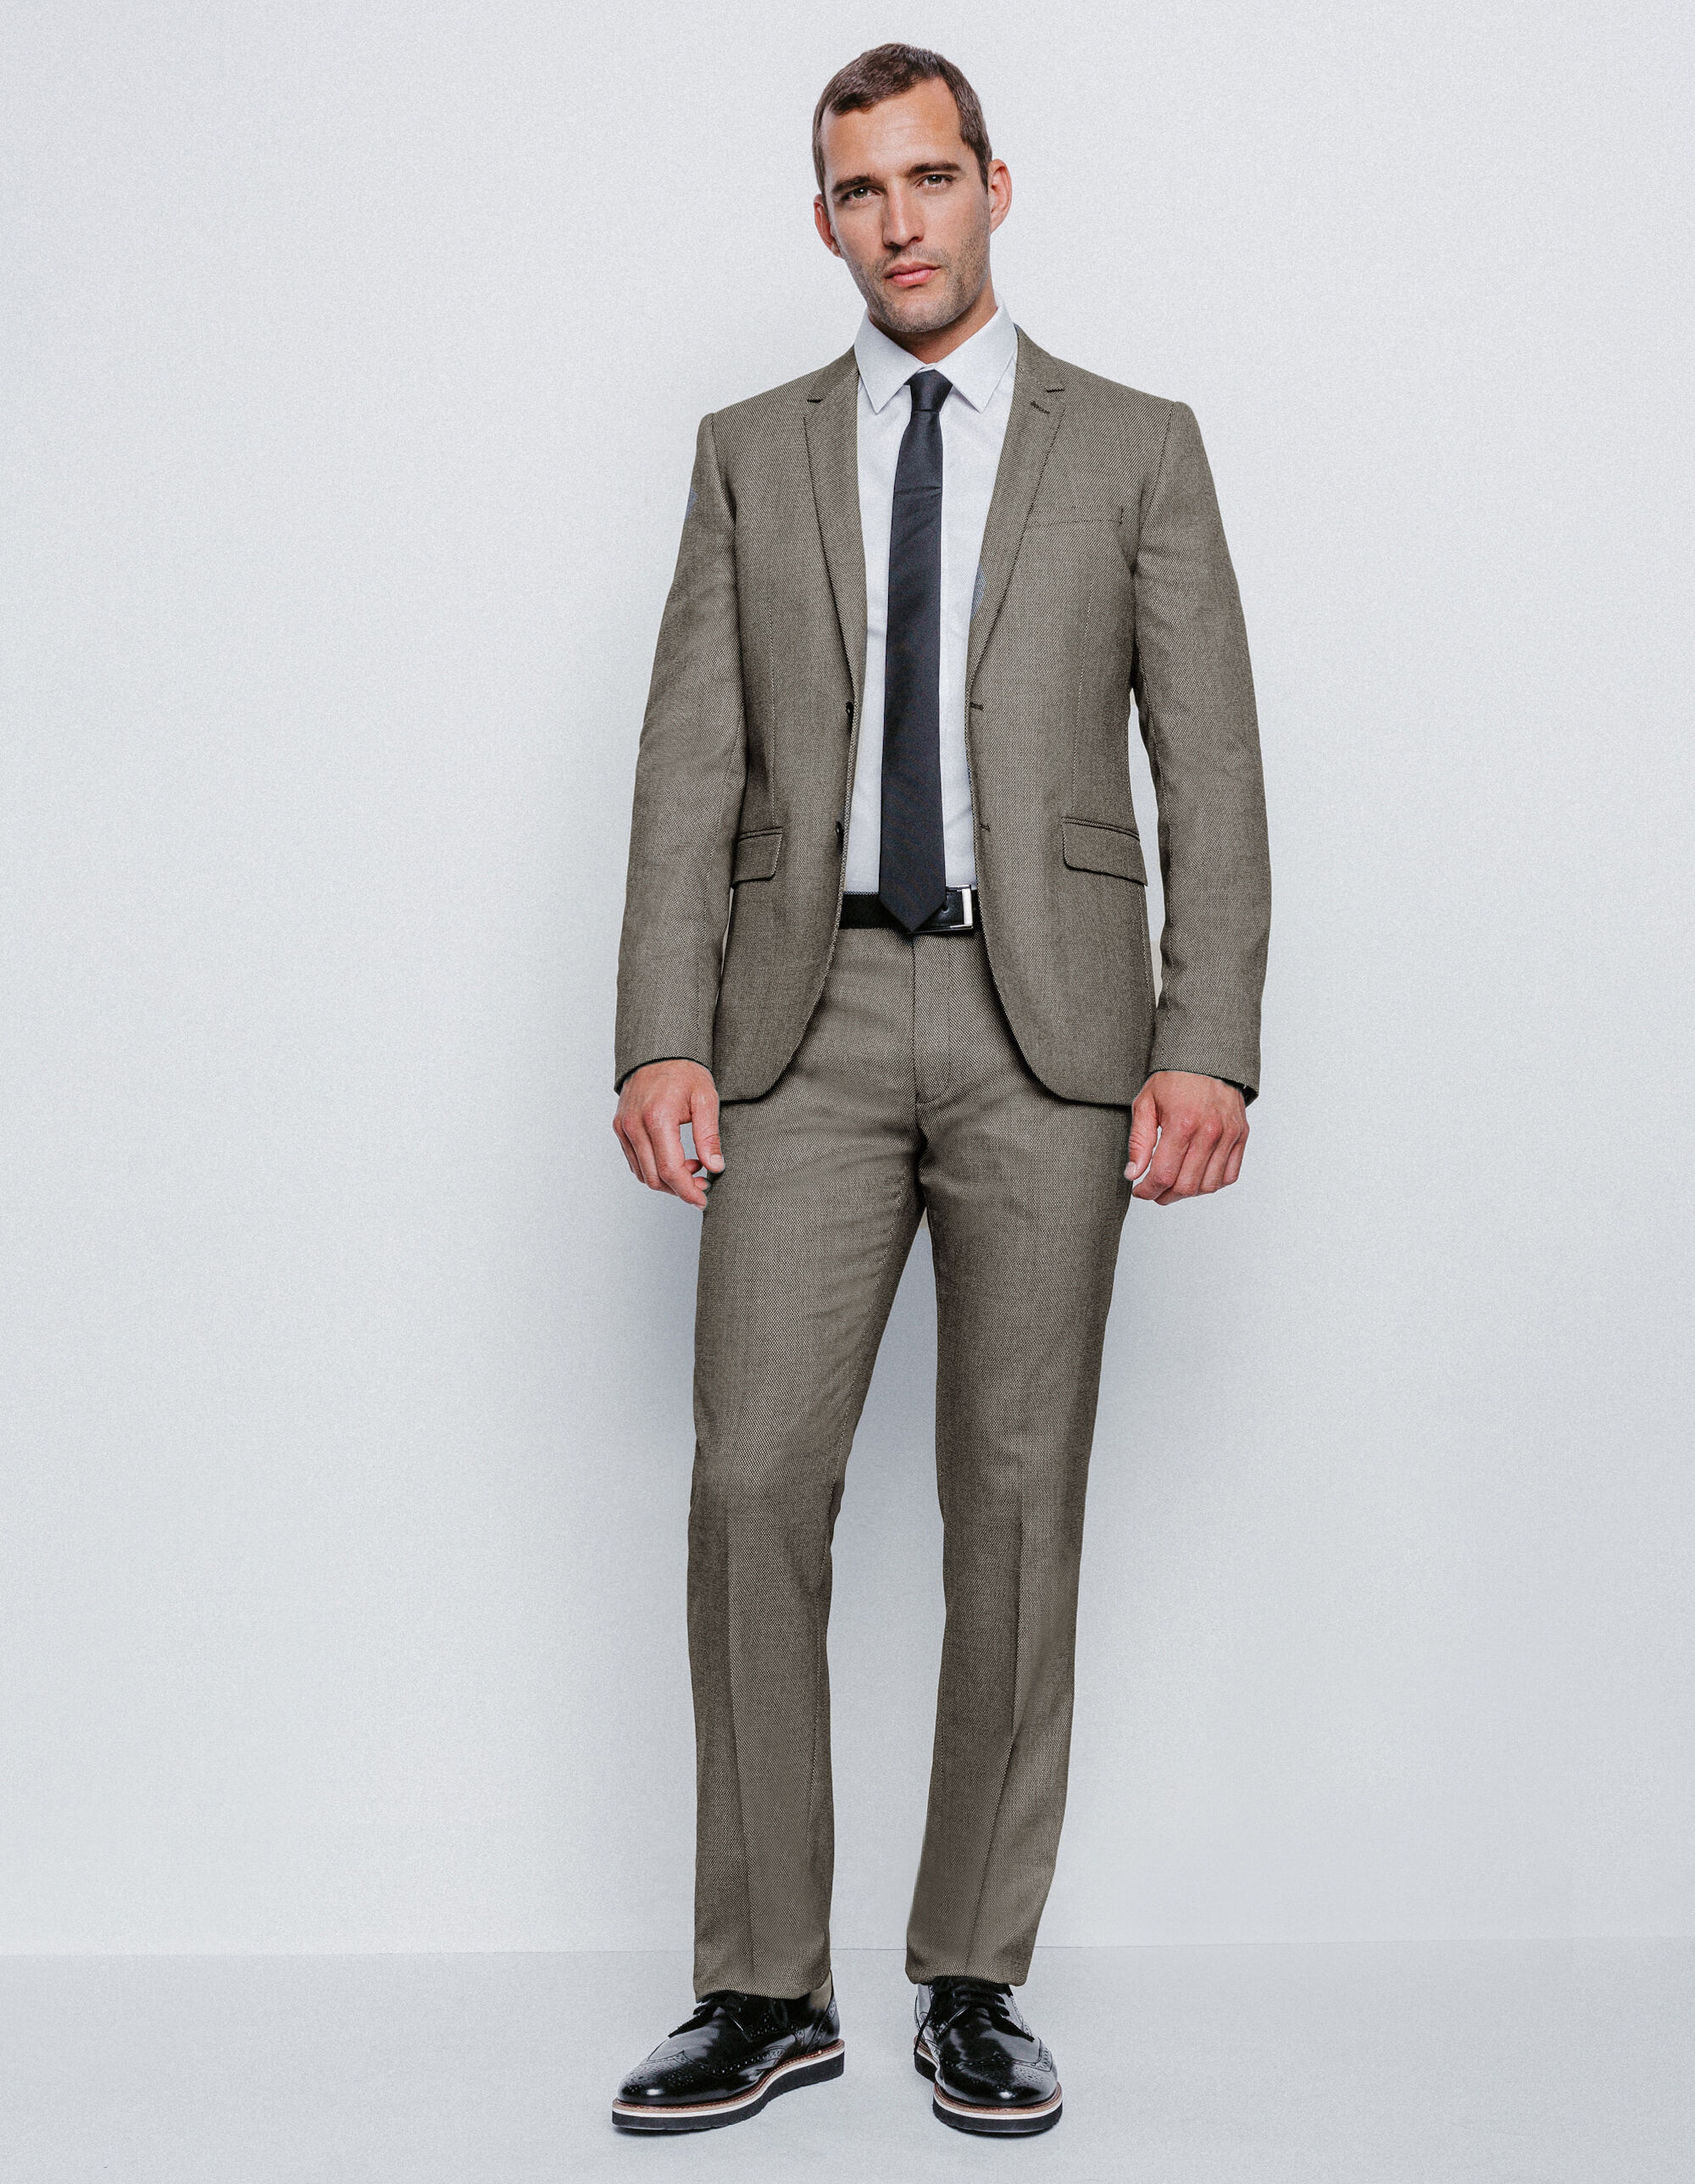 Veste blanche pantalon noir homme